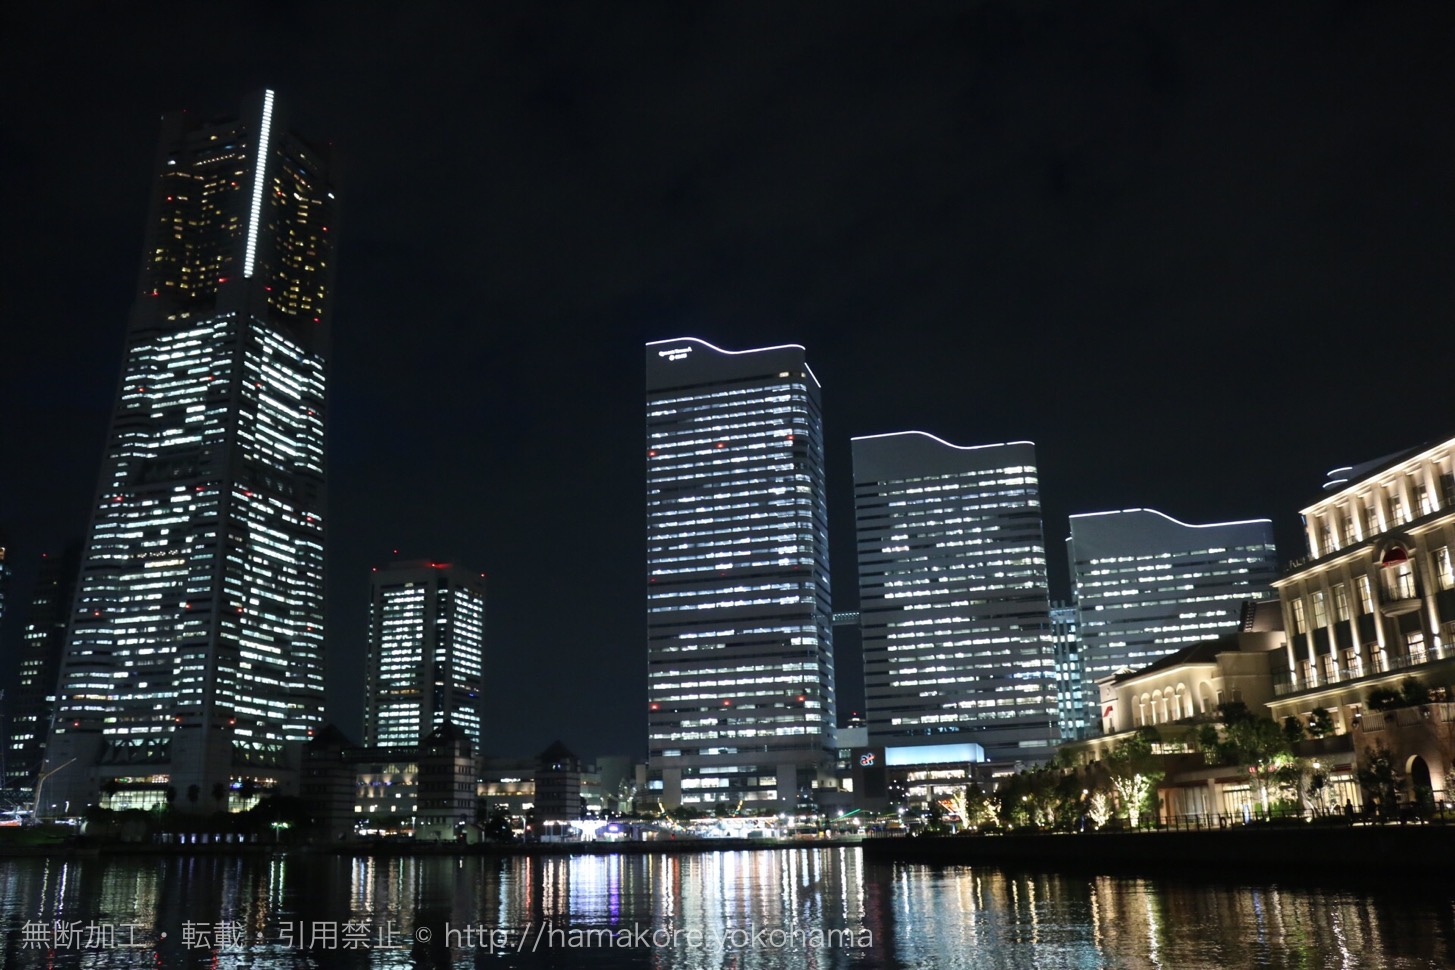 横浜ランドマークタワー 夜景